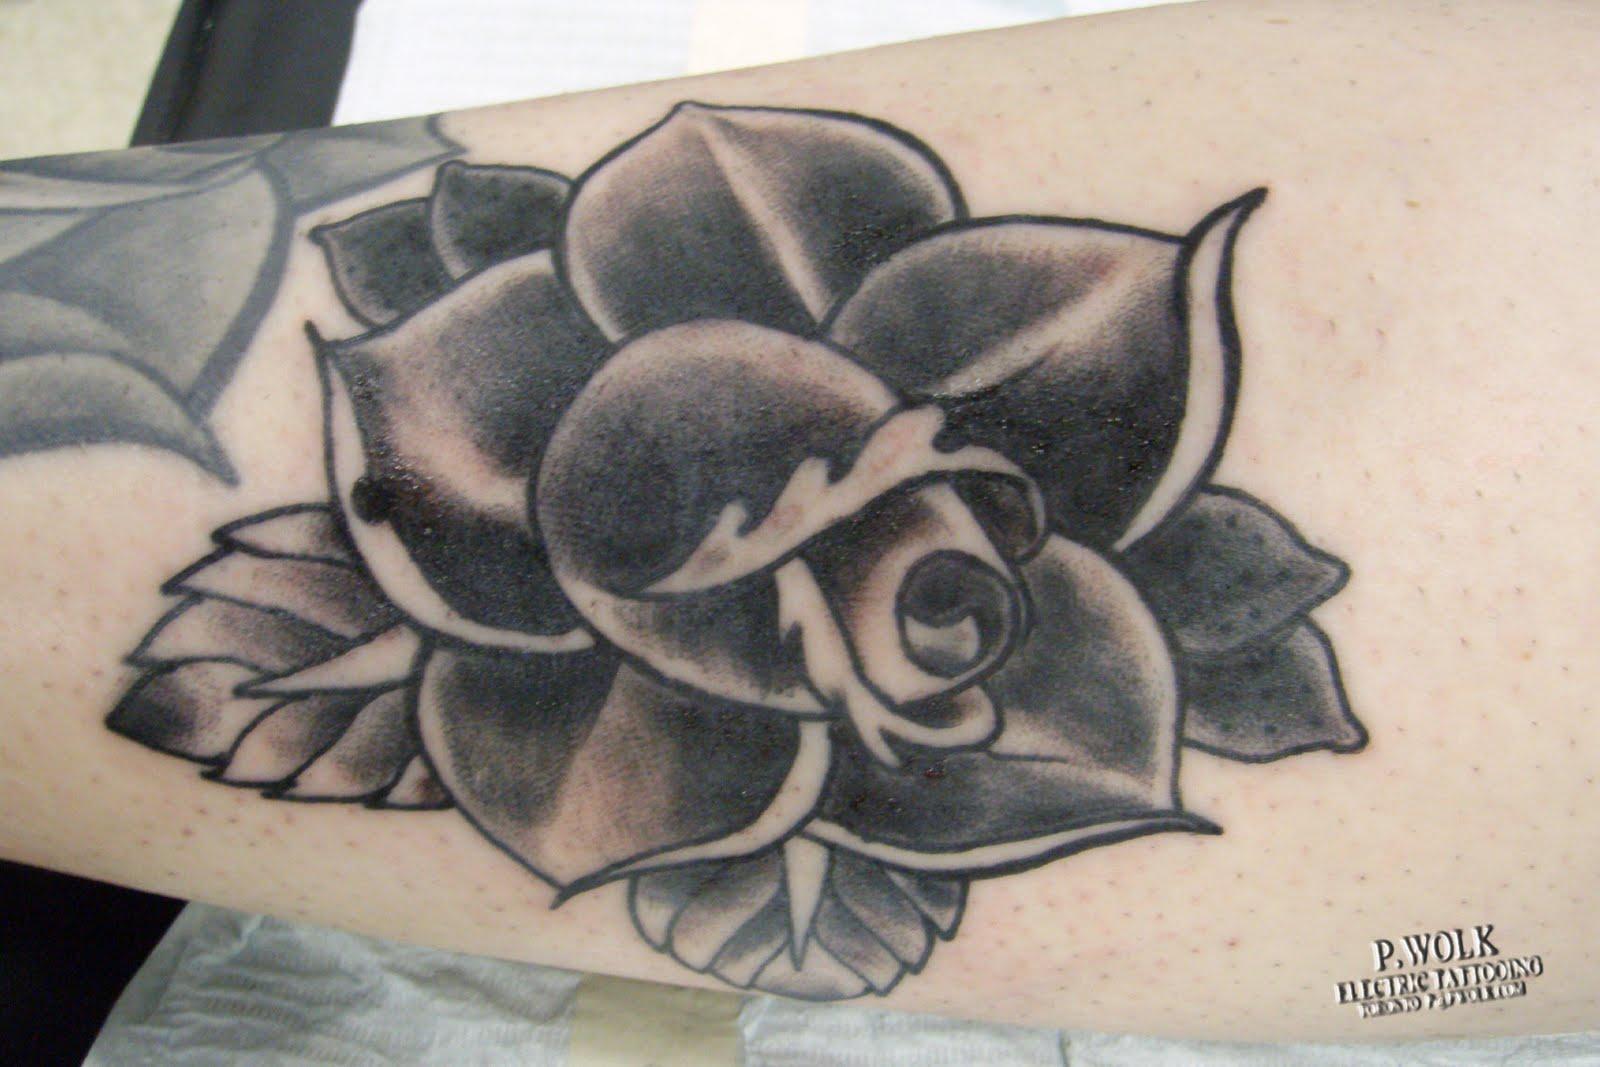 http://3.bp.blogspot.com/_U2B7JTkLlsg/S-8kQfTIPlI/AAAAAAAAAG8/gB4DJUPQRvU/s1600/4x6pw_rose_leg_001.jpg